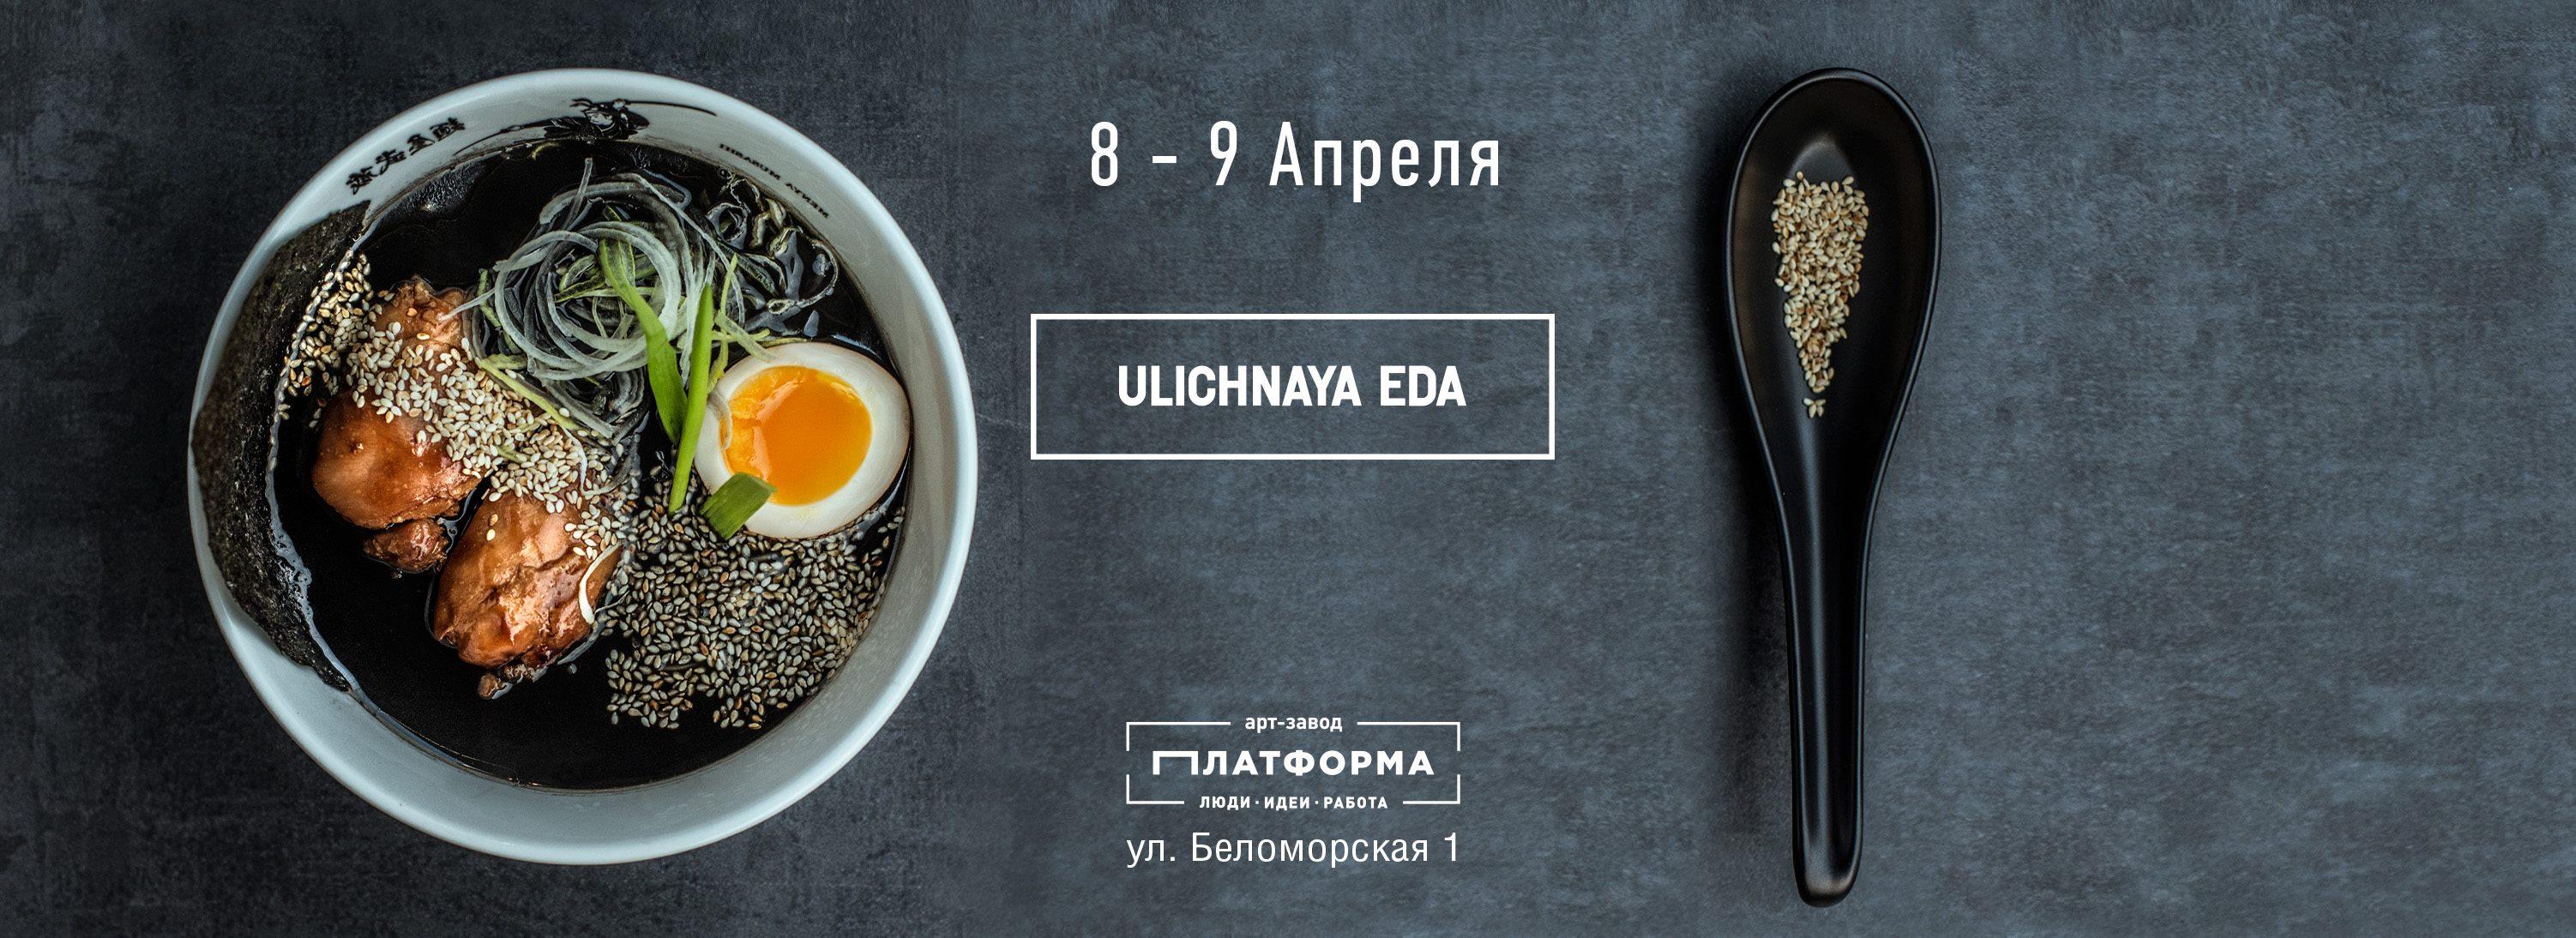 WEGAME 3.0 пройдет совместно с «Фестивалем уличной еды»